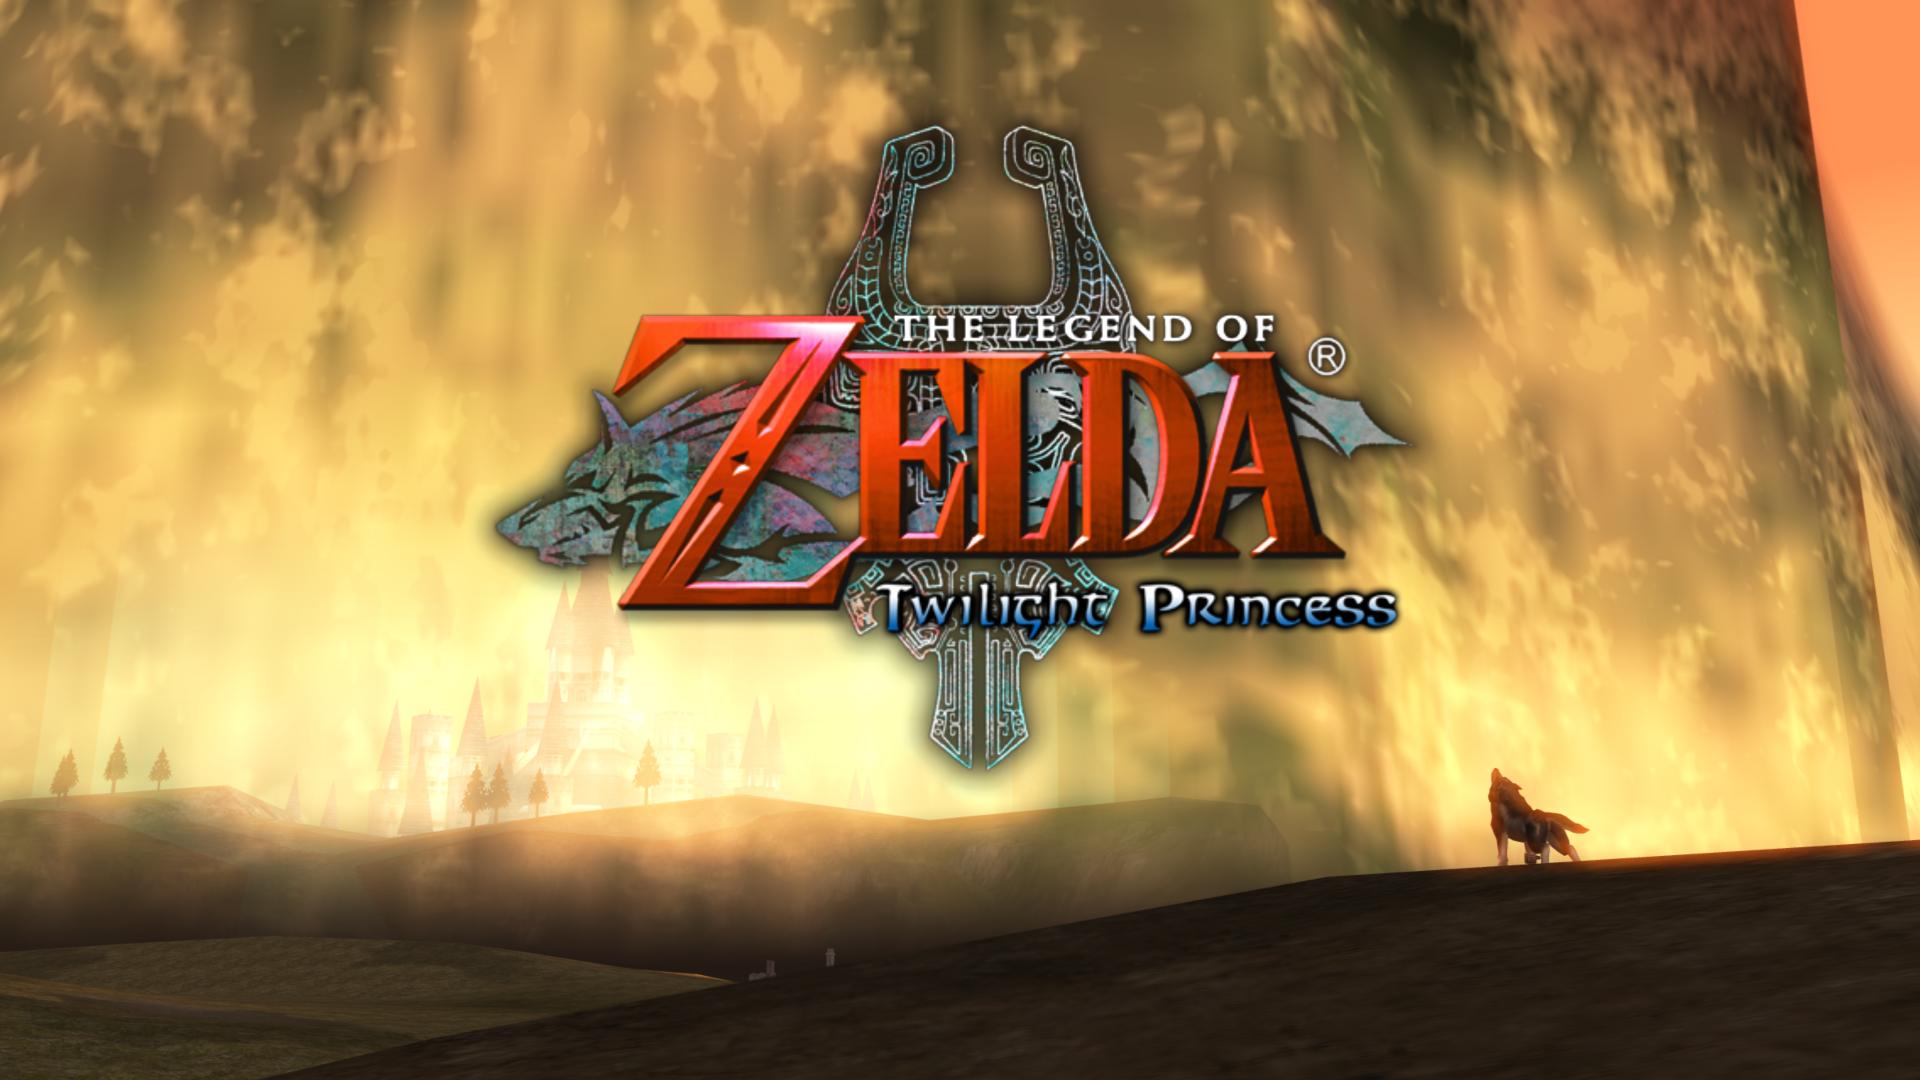 Wallpaper The Legend Of Zelda The Legend Of Zelda Twilight